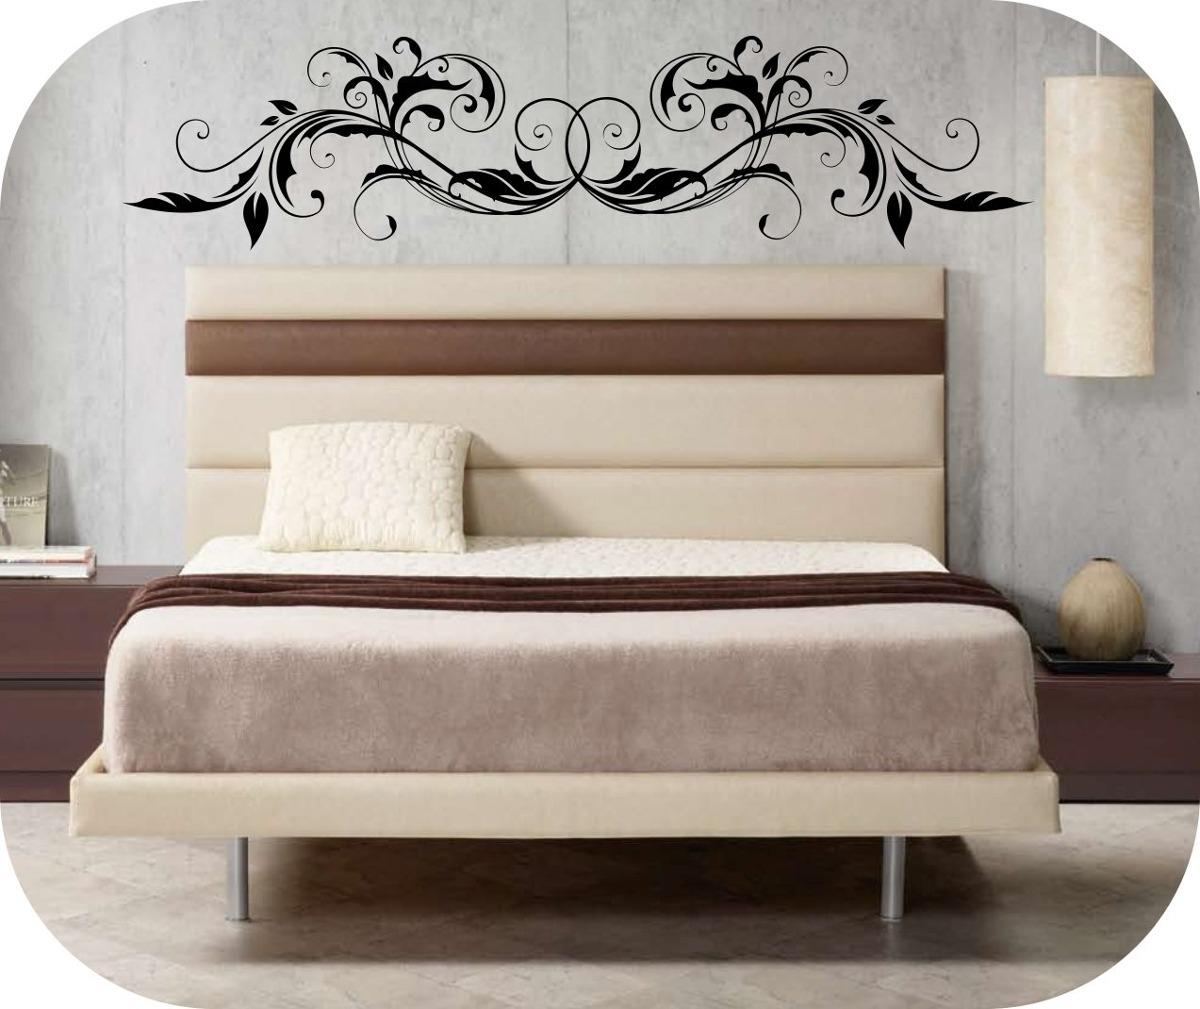 Vinilos decorativos cabeceros de camas decora tu pared - Vinilos de cabeceros ...